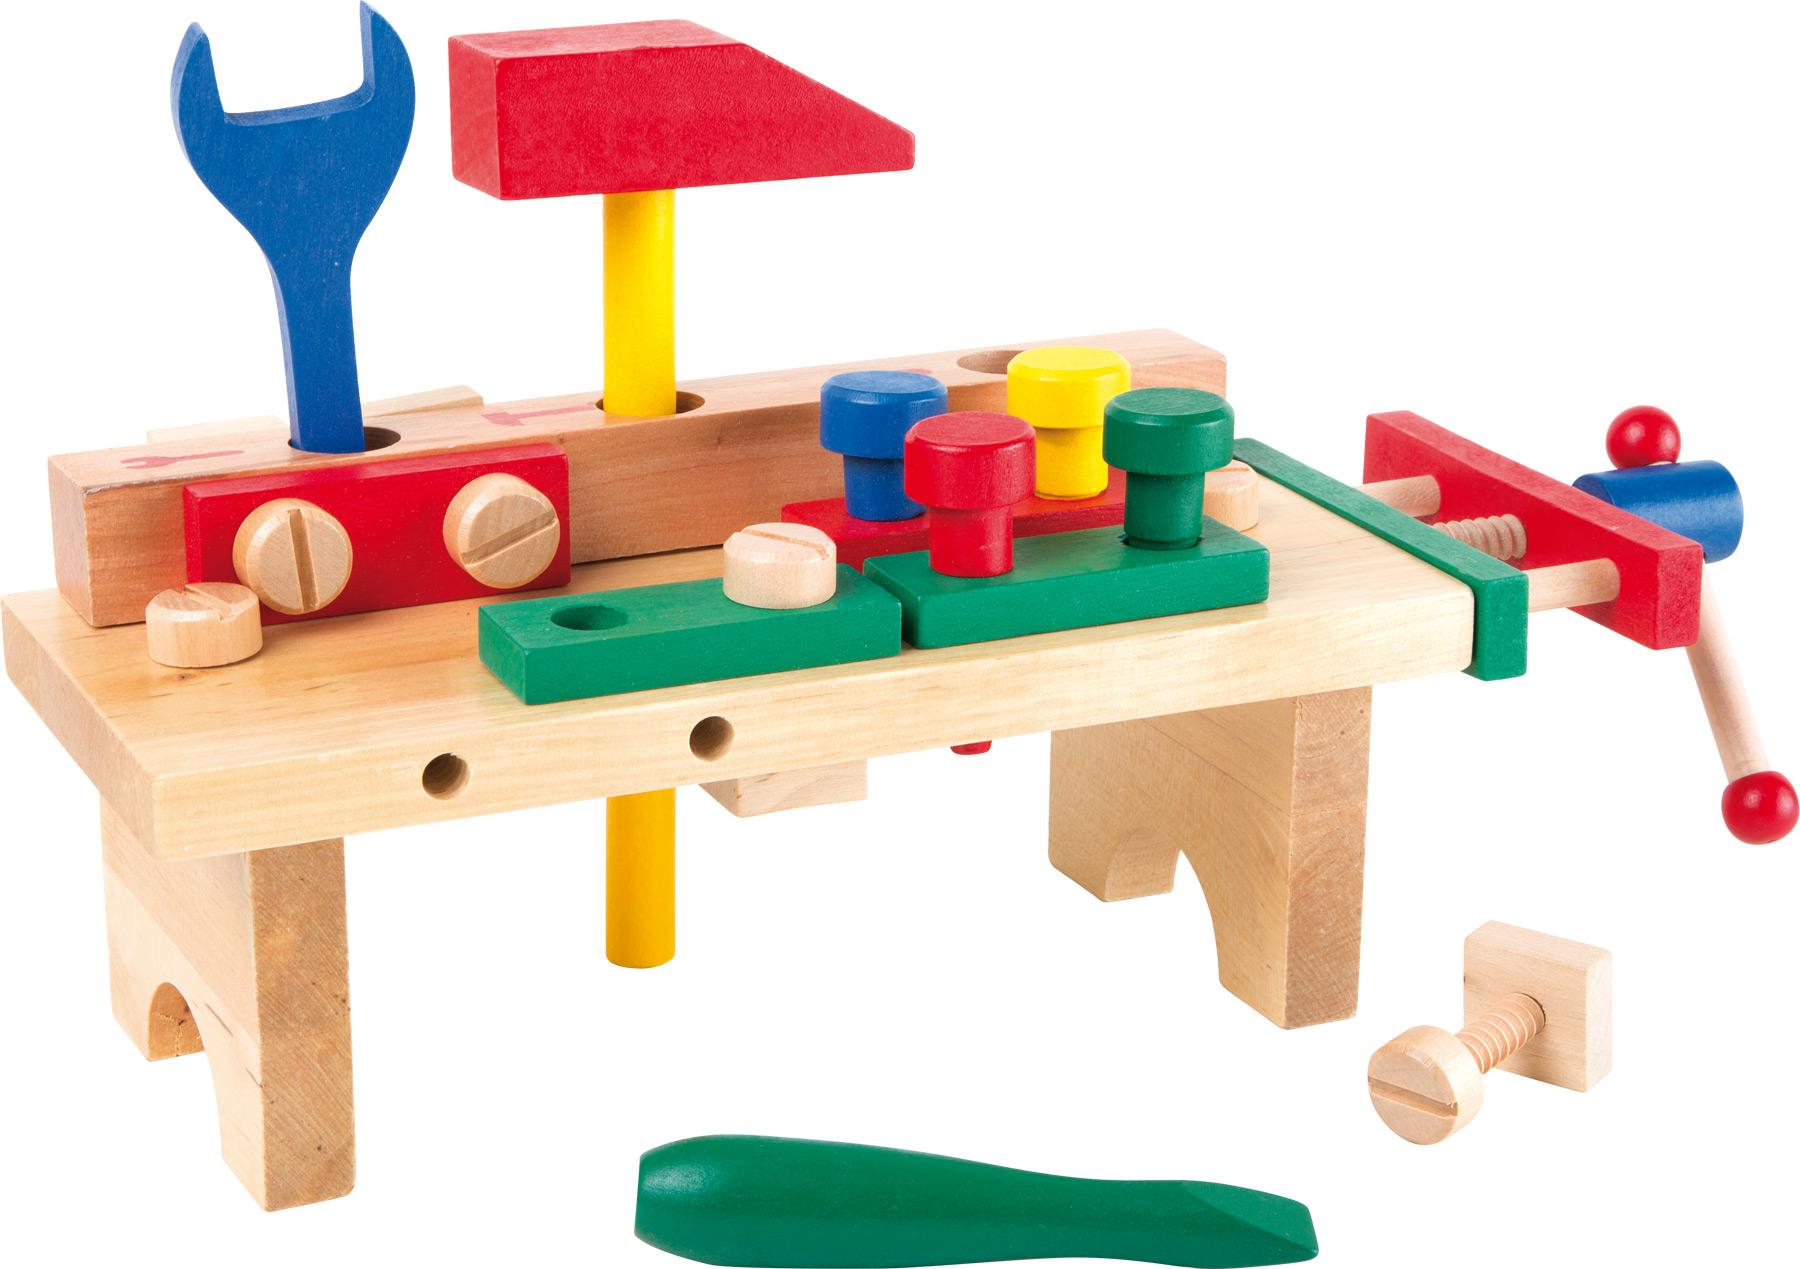 Small Foot Ponk pracovní stůl s nářadím